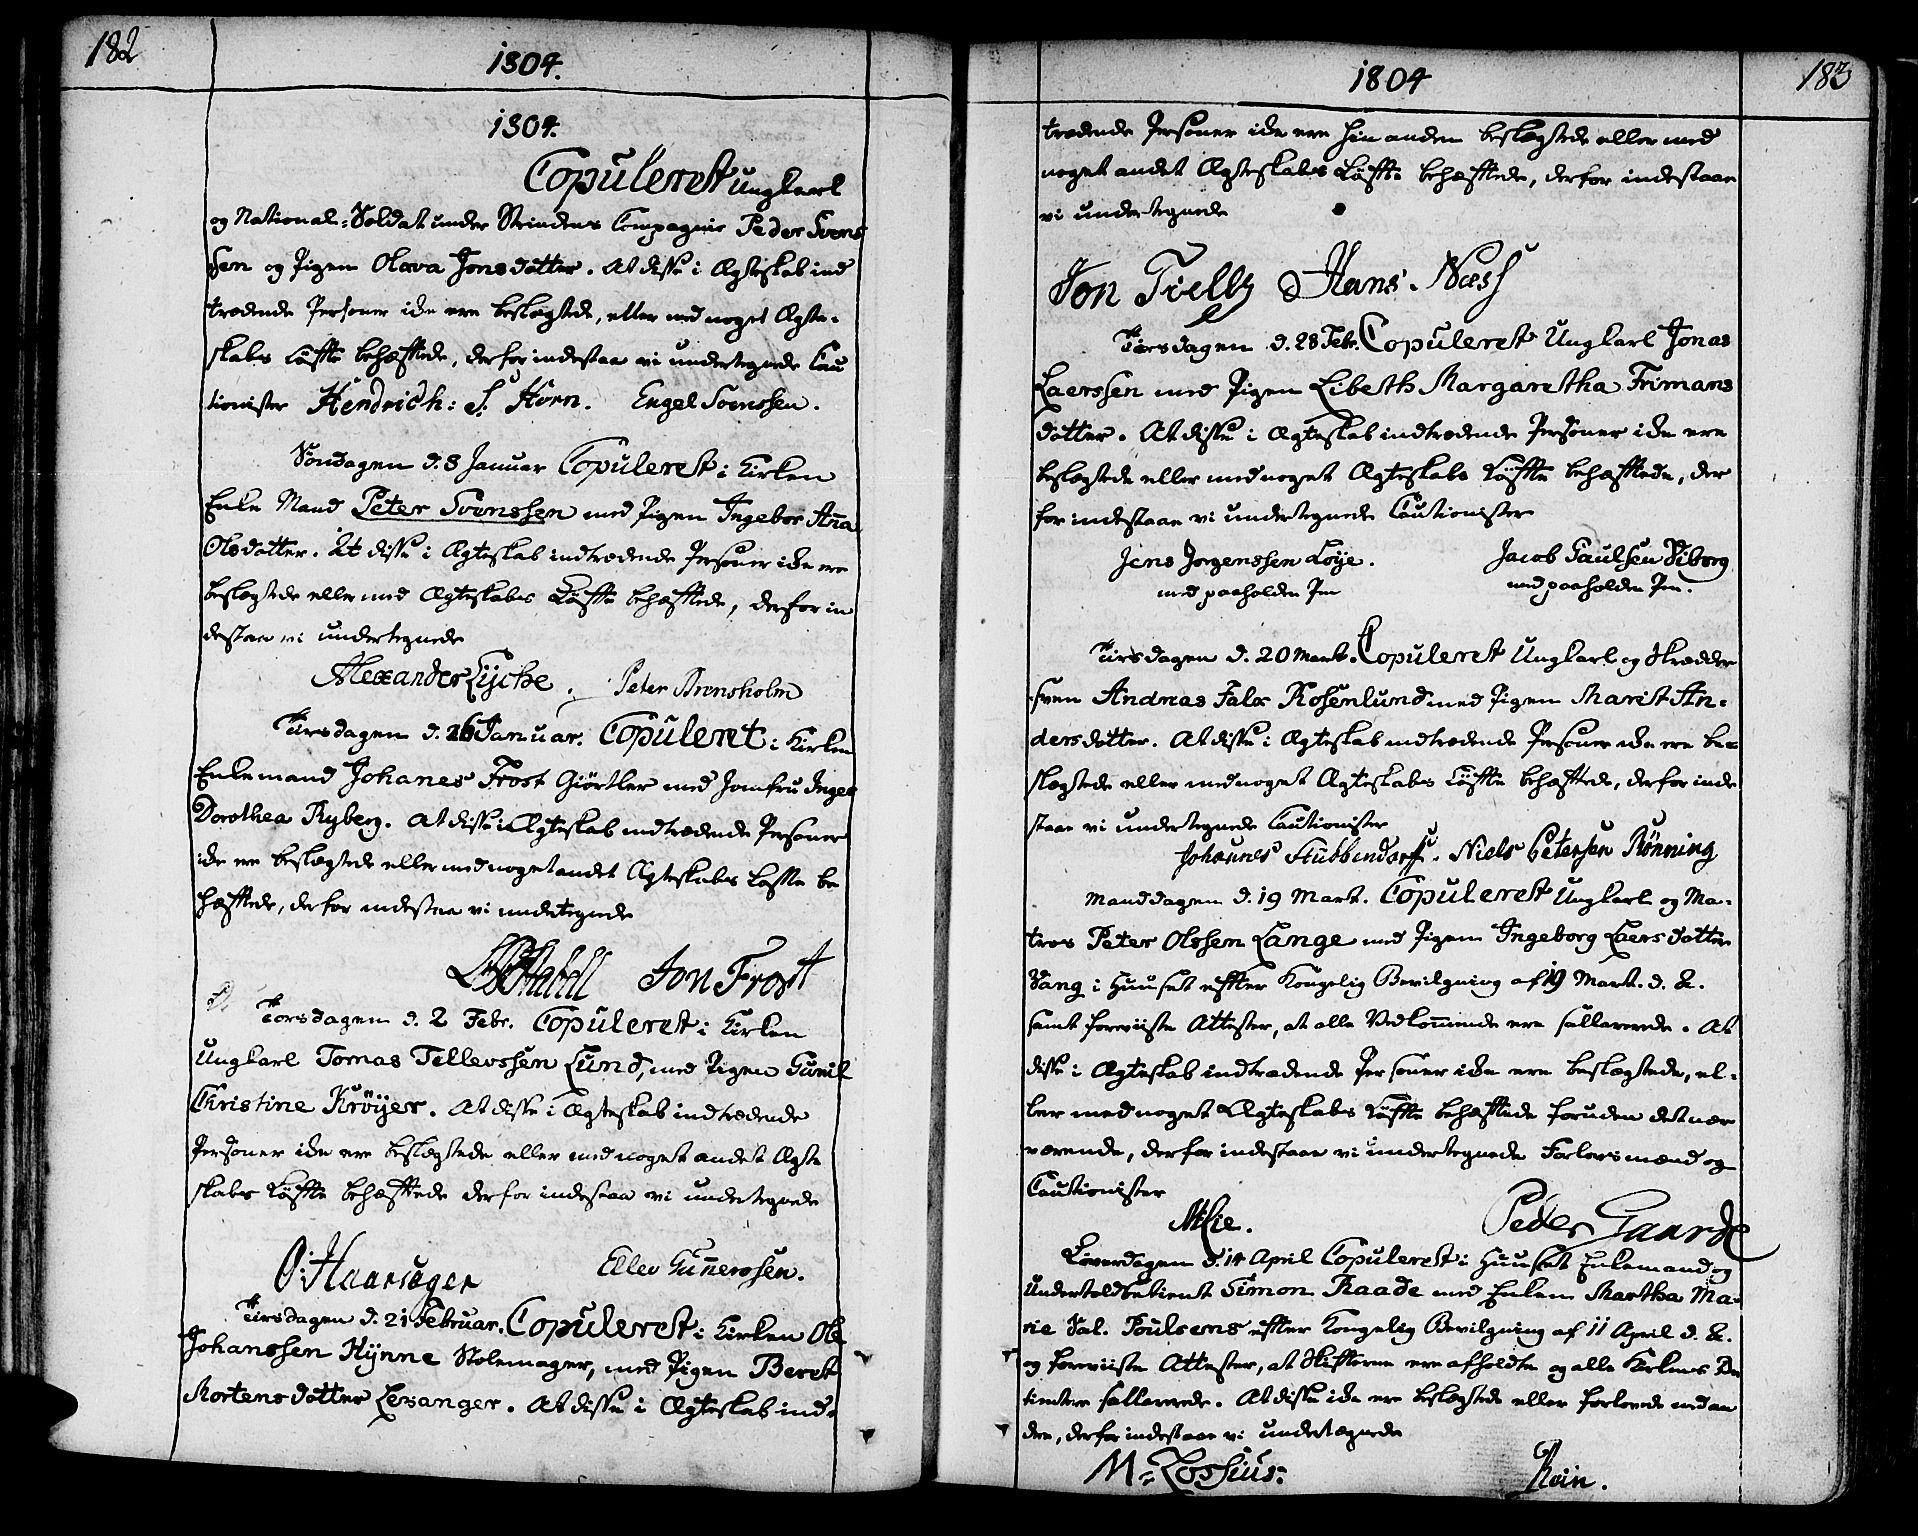 SAT, Ministerialprotokoller, klokkerbøker og fødselsregistre - Sør-Trøndelag, 602/L0105: Ministerialbok nr. 602A03, 1774-1814, s. 182-183